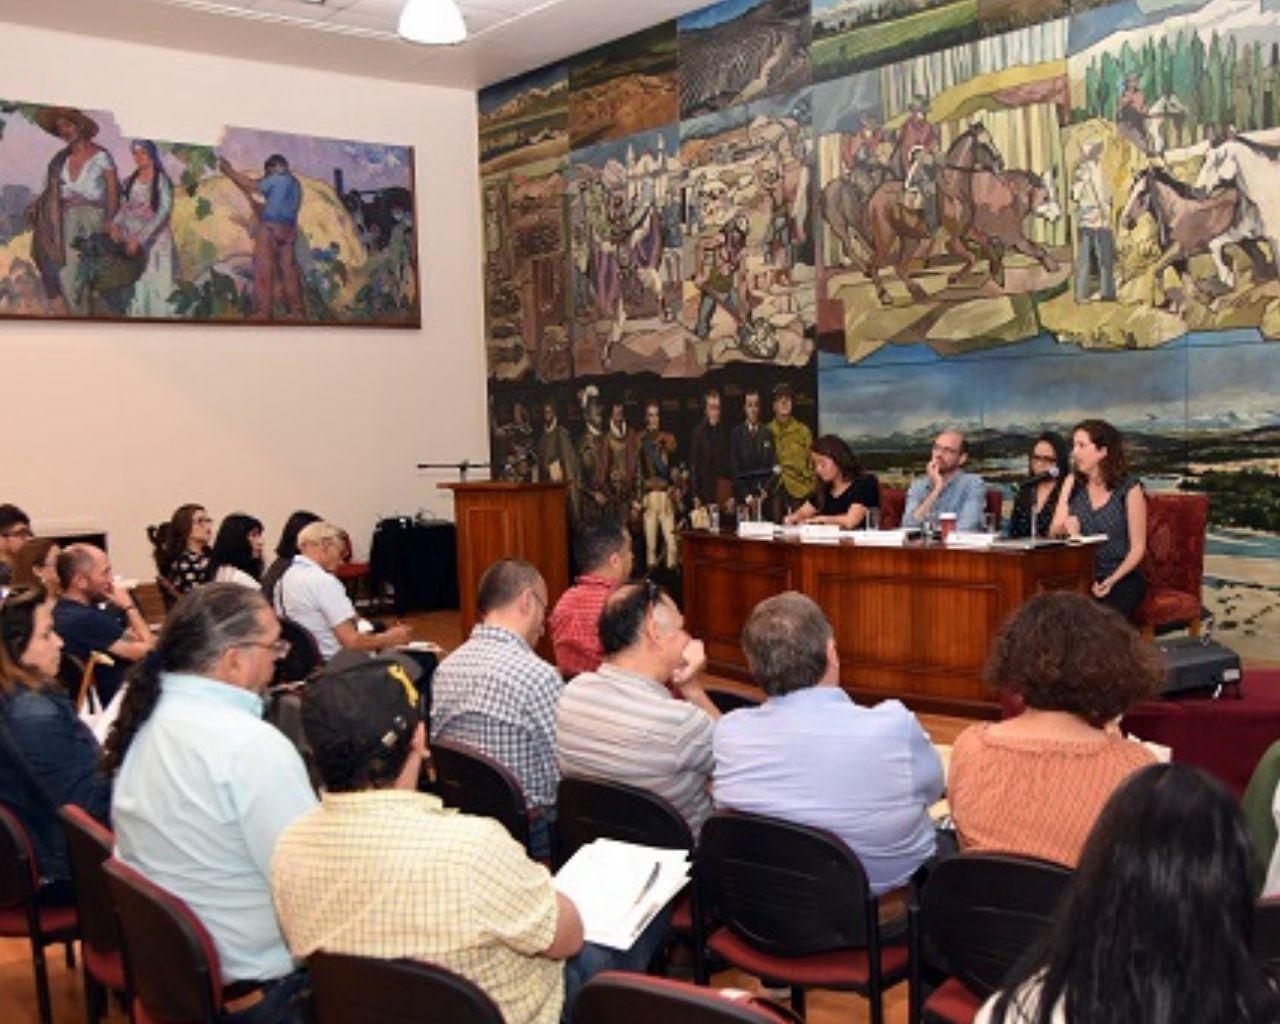 Realizan Escuela De Guias Del Patrimonio Artistico Con Curso Online De Historia Del Arte Utalca